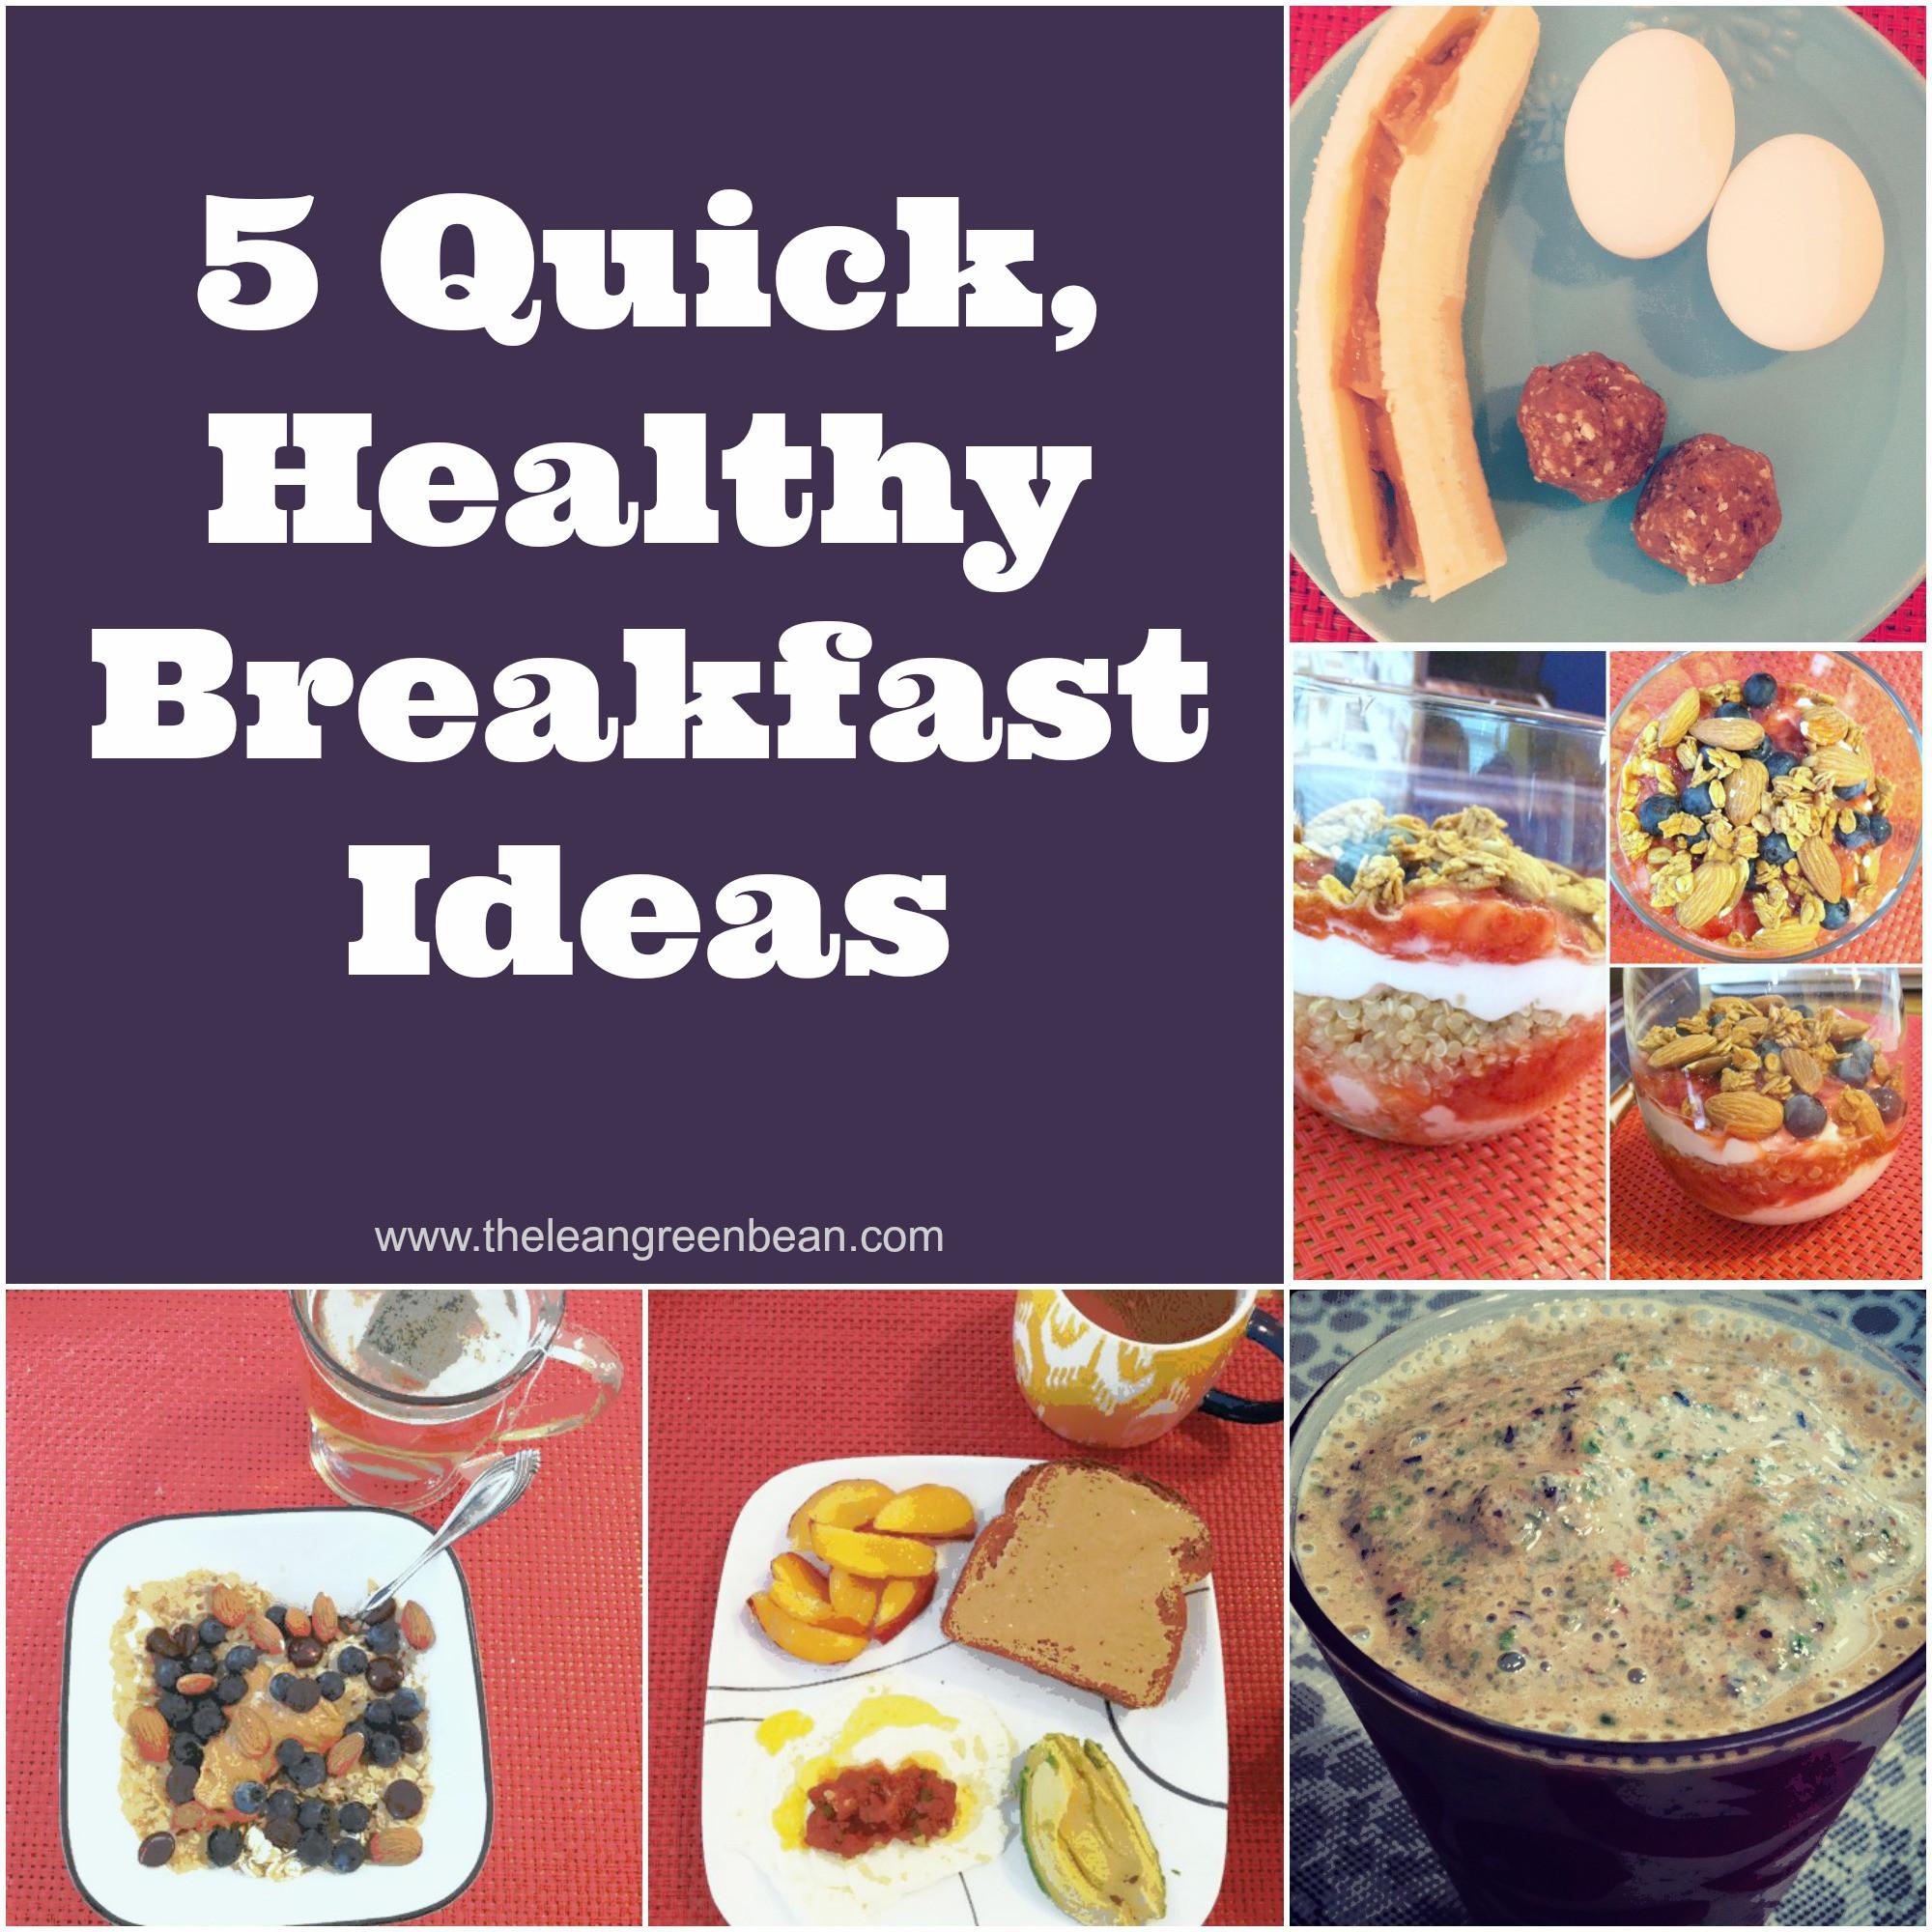 Easy Healthy Breakfast Ideas  5 Quick Healthy Breakfast Ideas from a Registered Dietitian